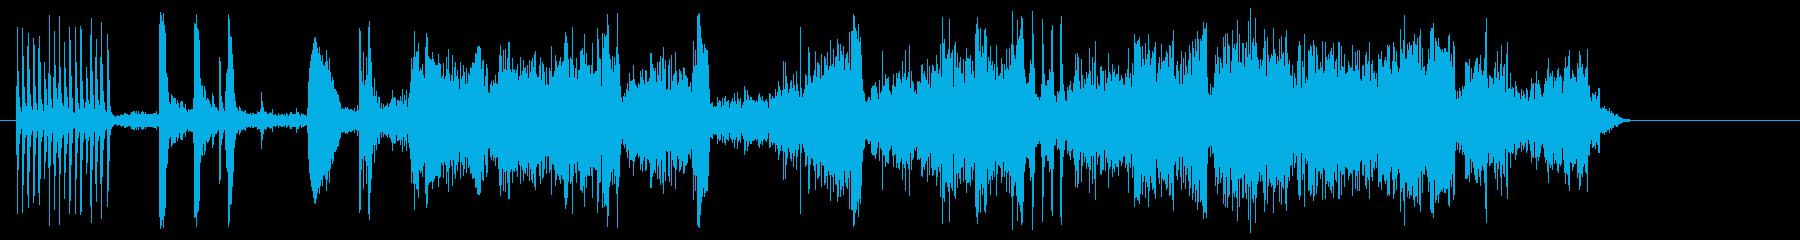 インテリアトラムとベルの再生済みの波形